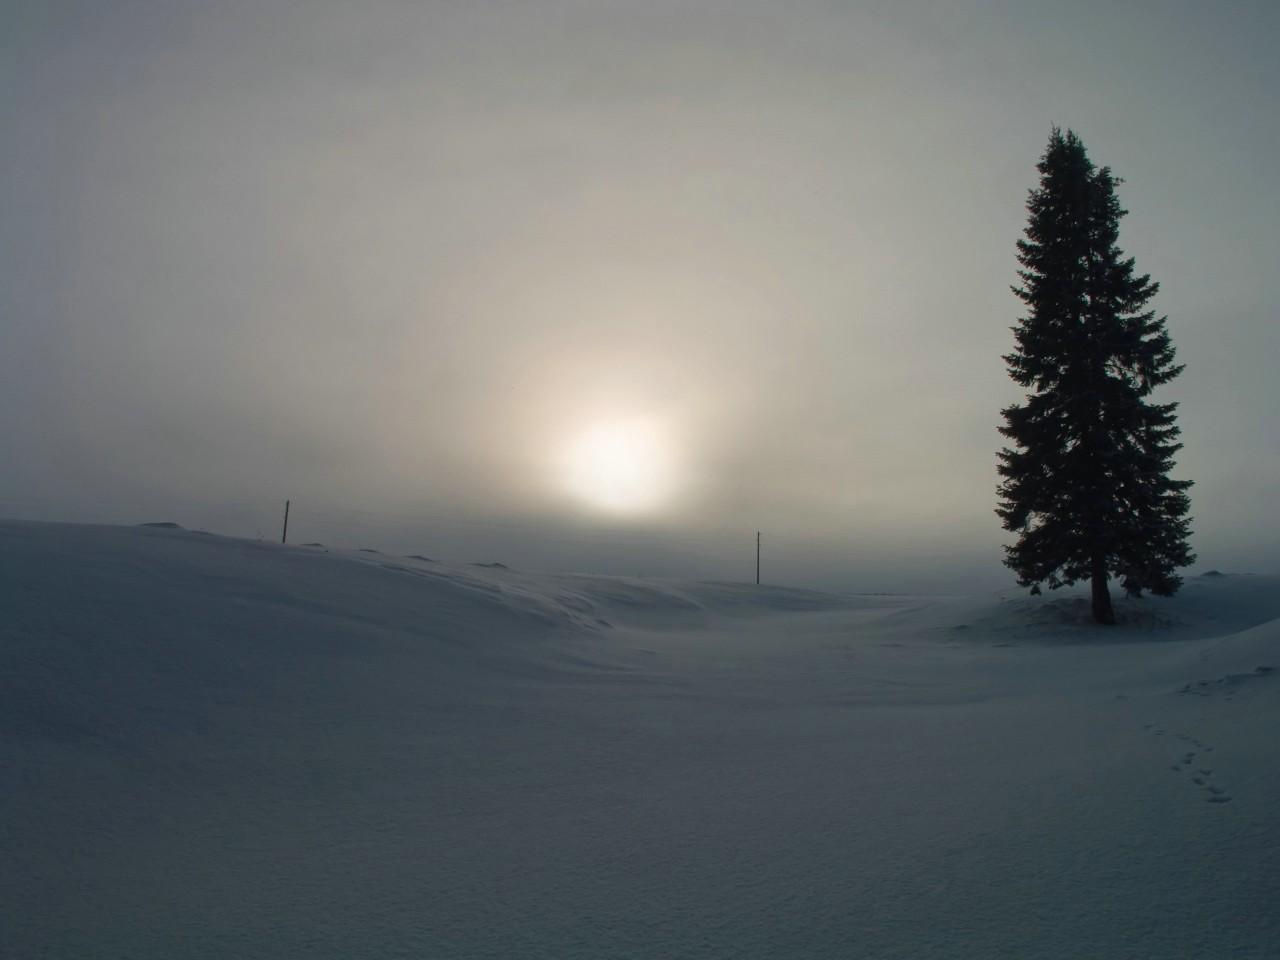 Зимний лог. Автор фото: Капитонов Владимир, г.Ижевск